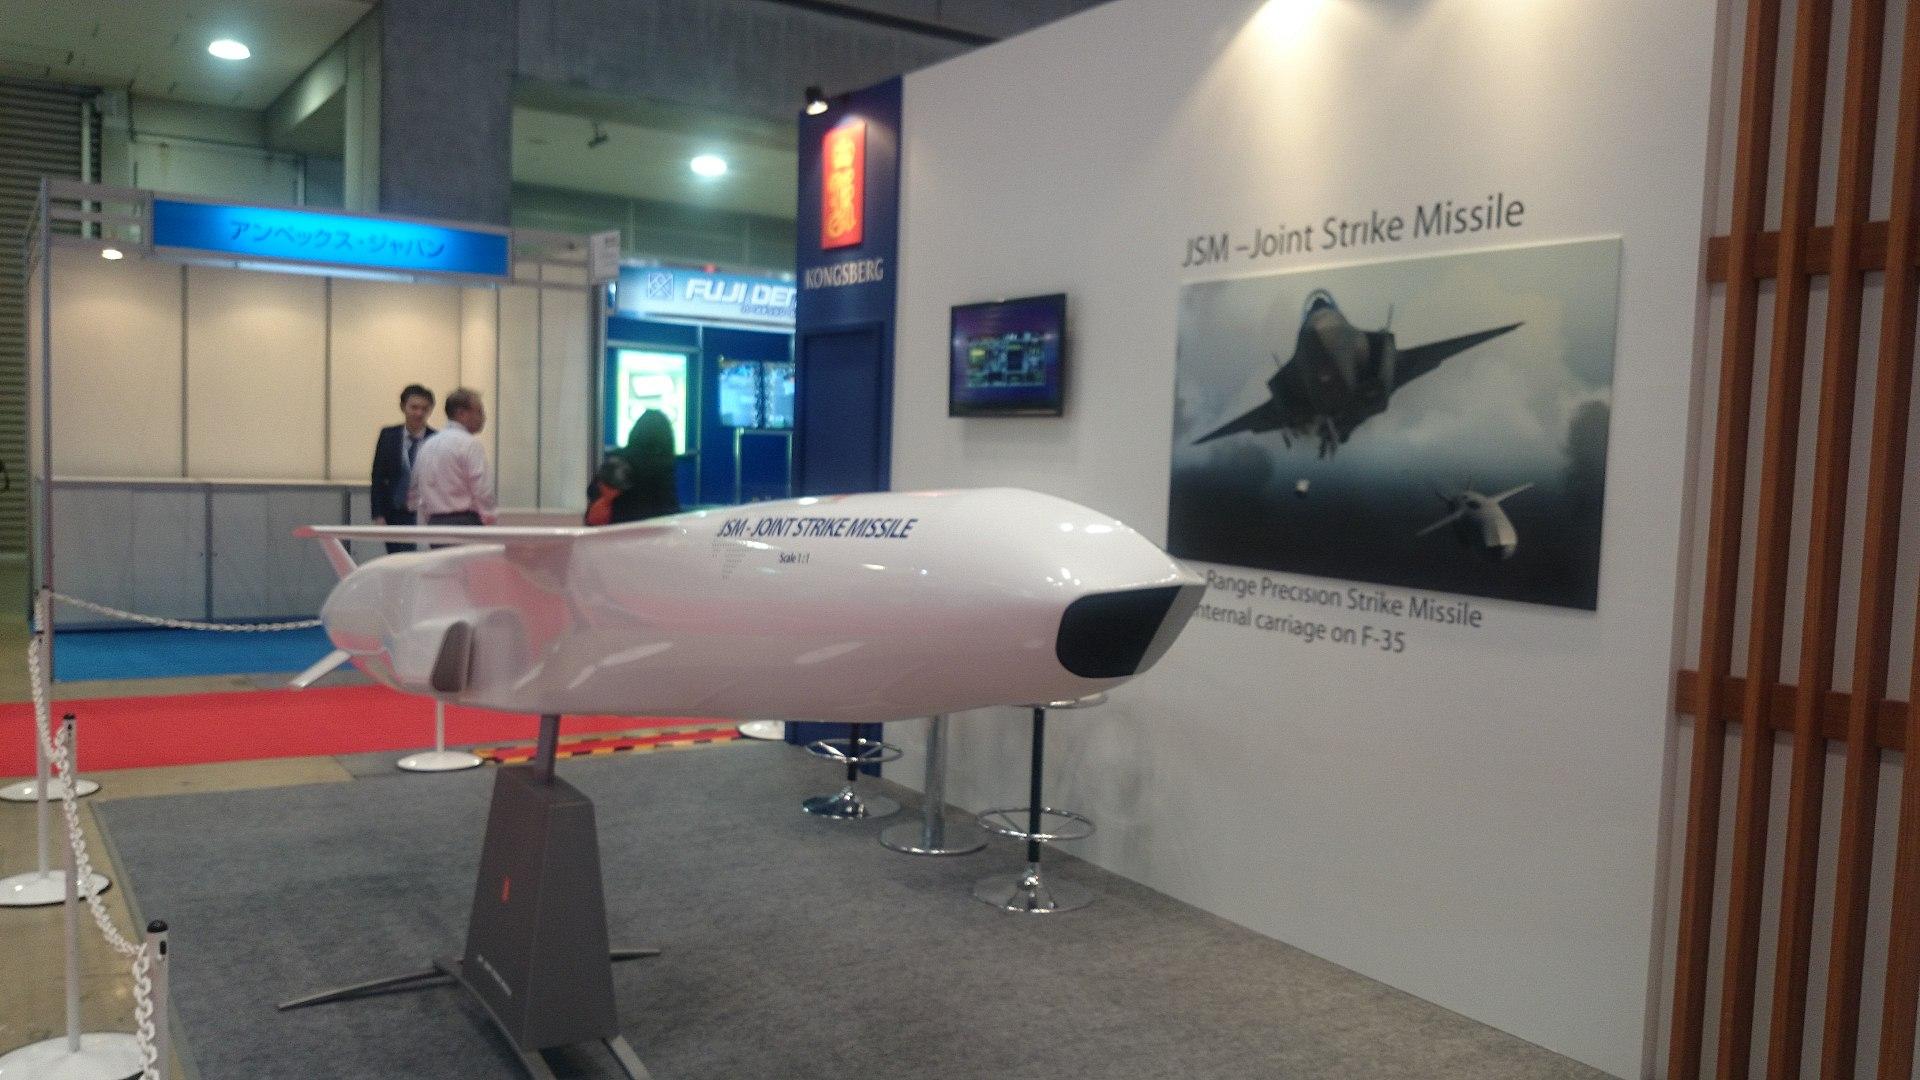 صاروخ من طراز JSM | عبر ويكيميديا